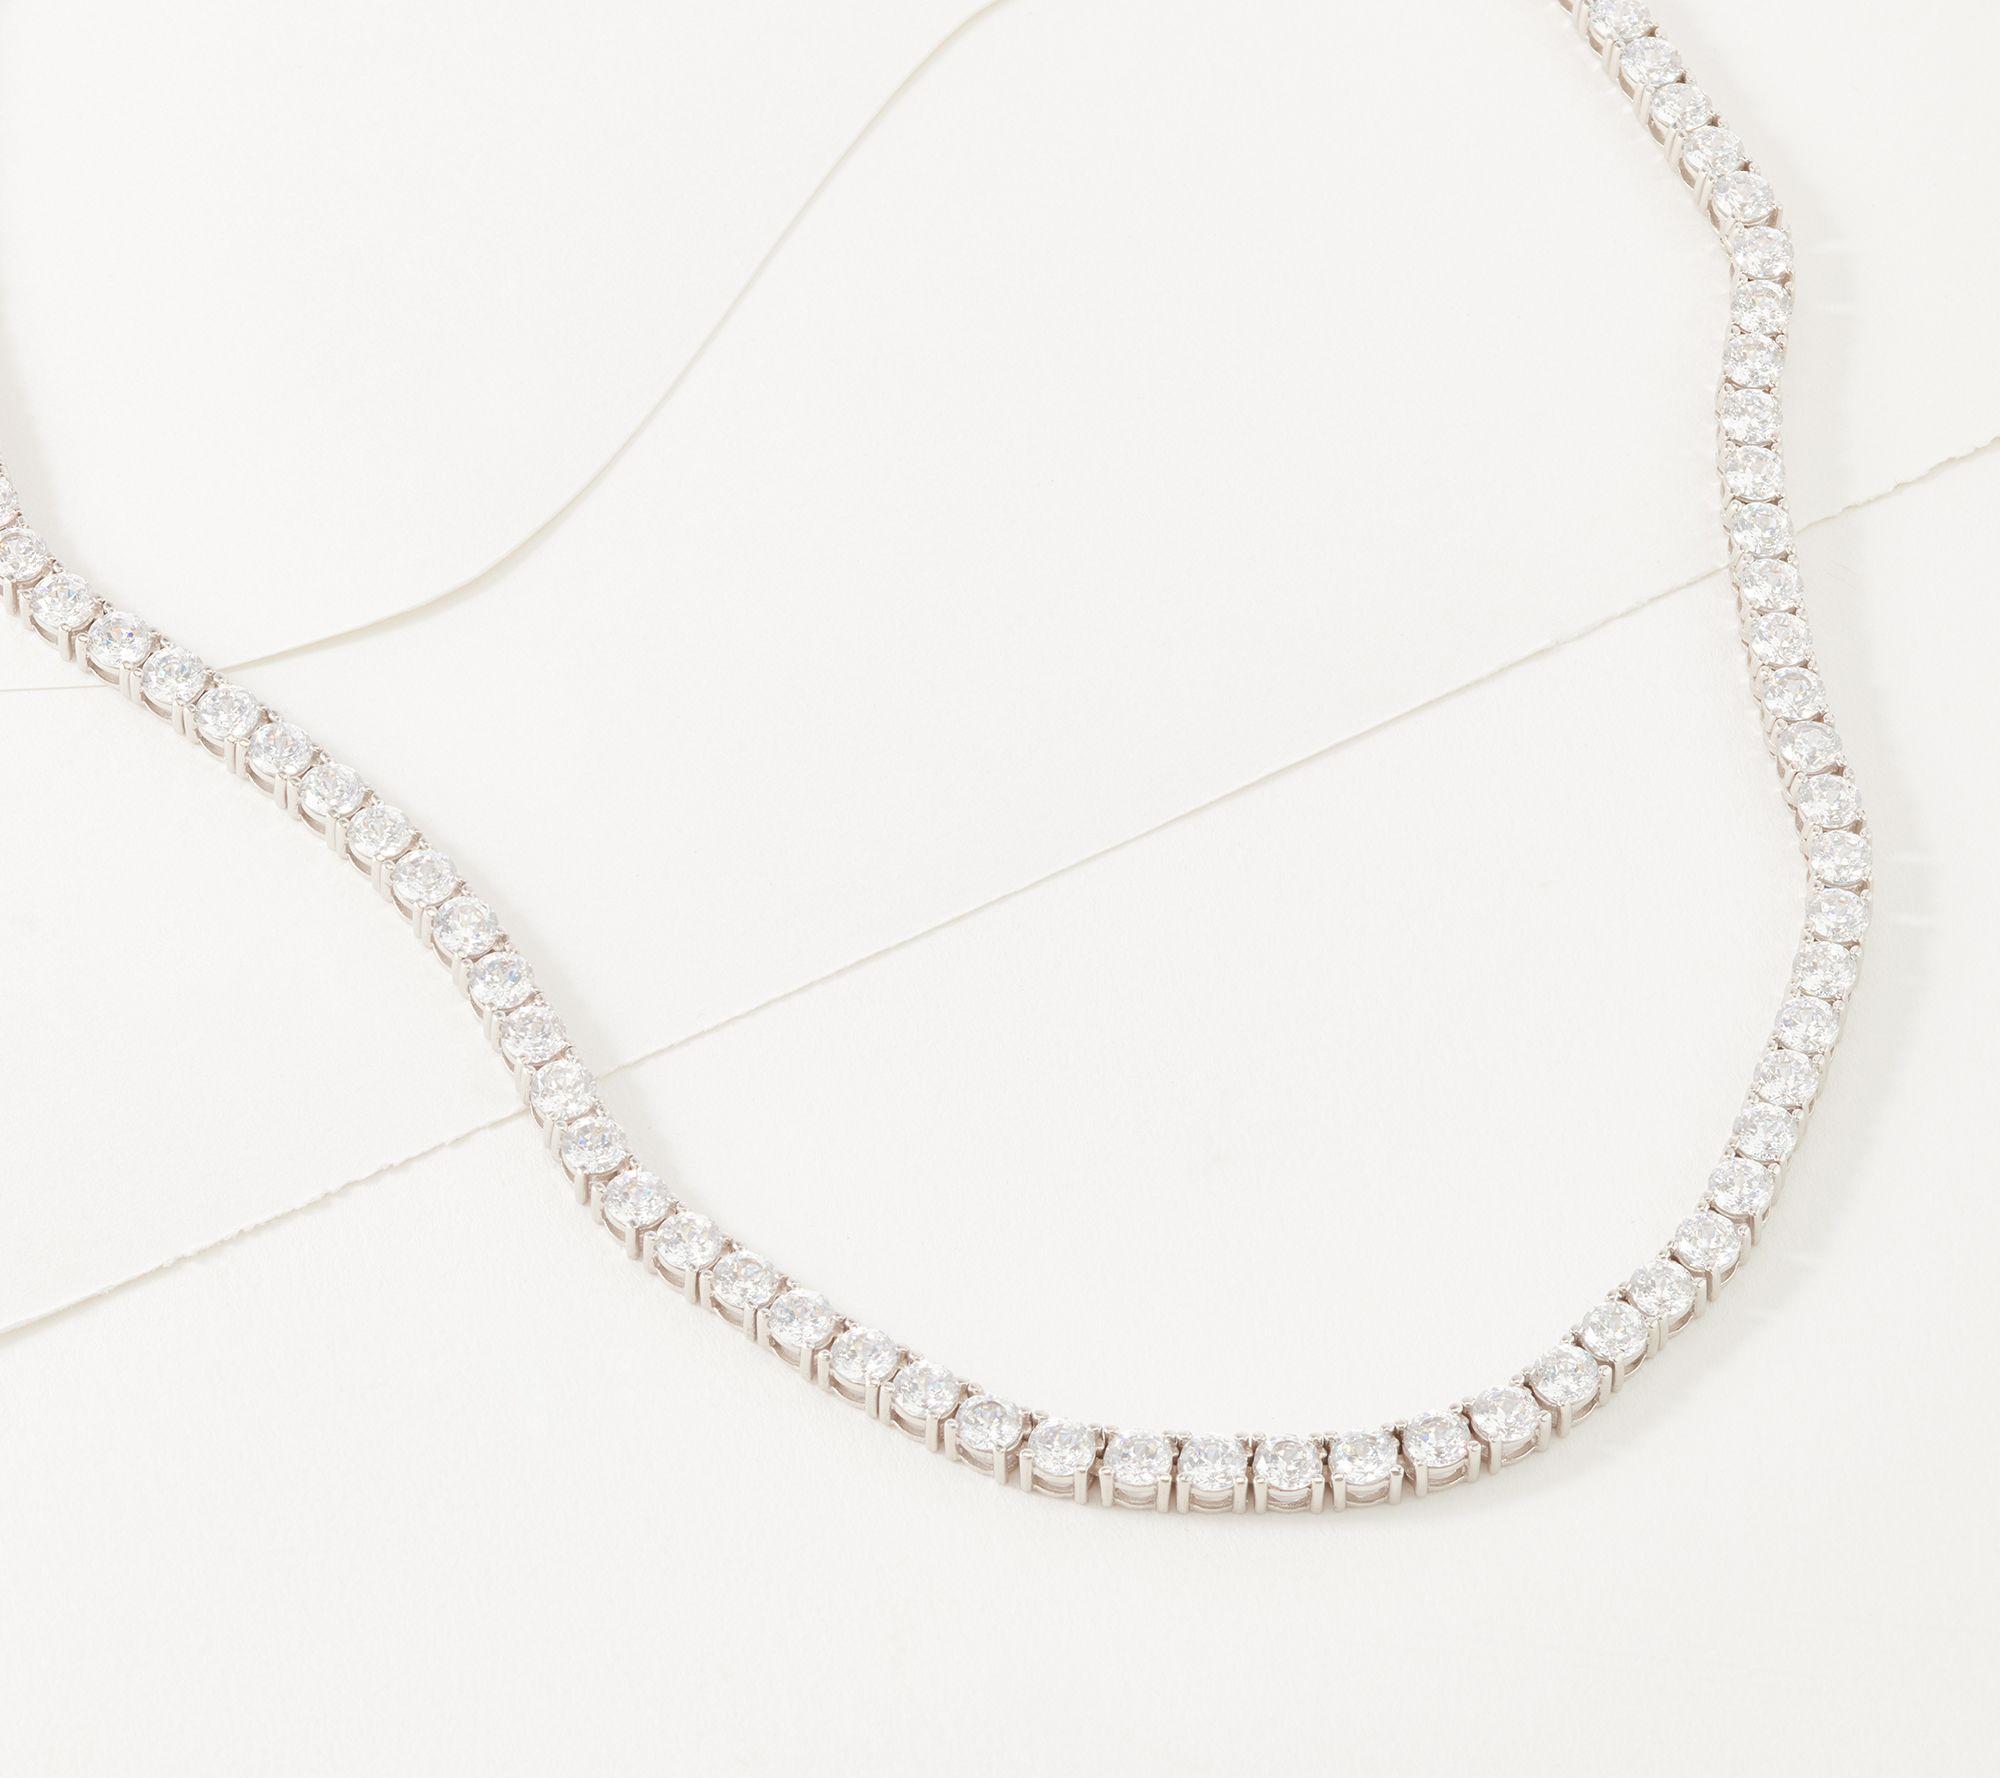 Diamonique 100 Facet 20 Tennis Necklace Platinum Clad Qvc Com